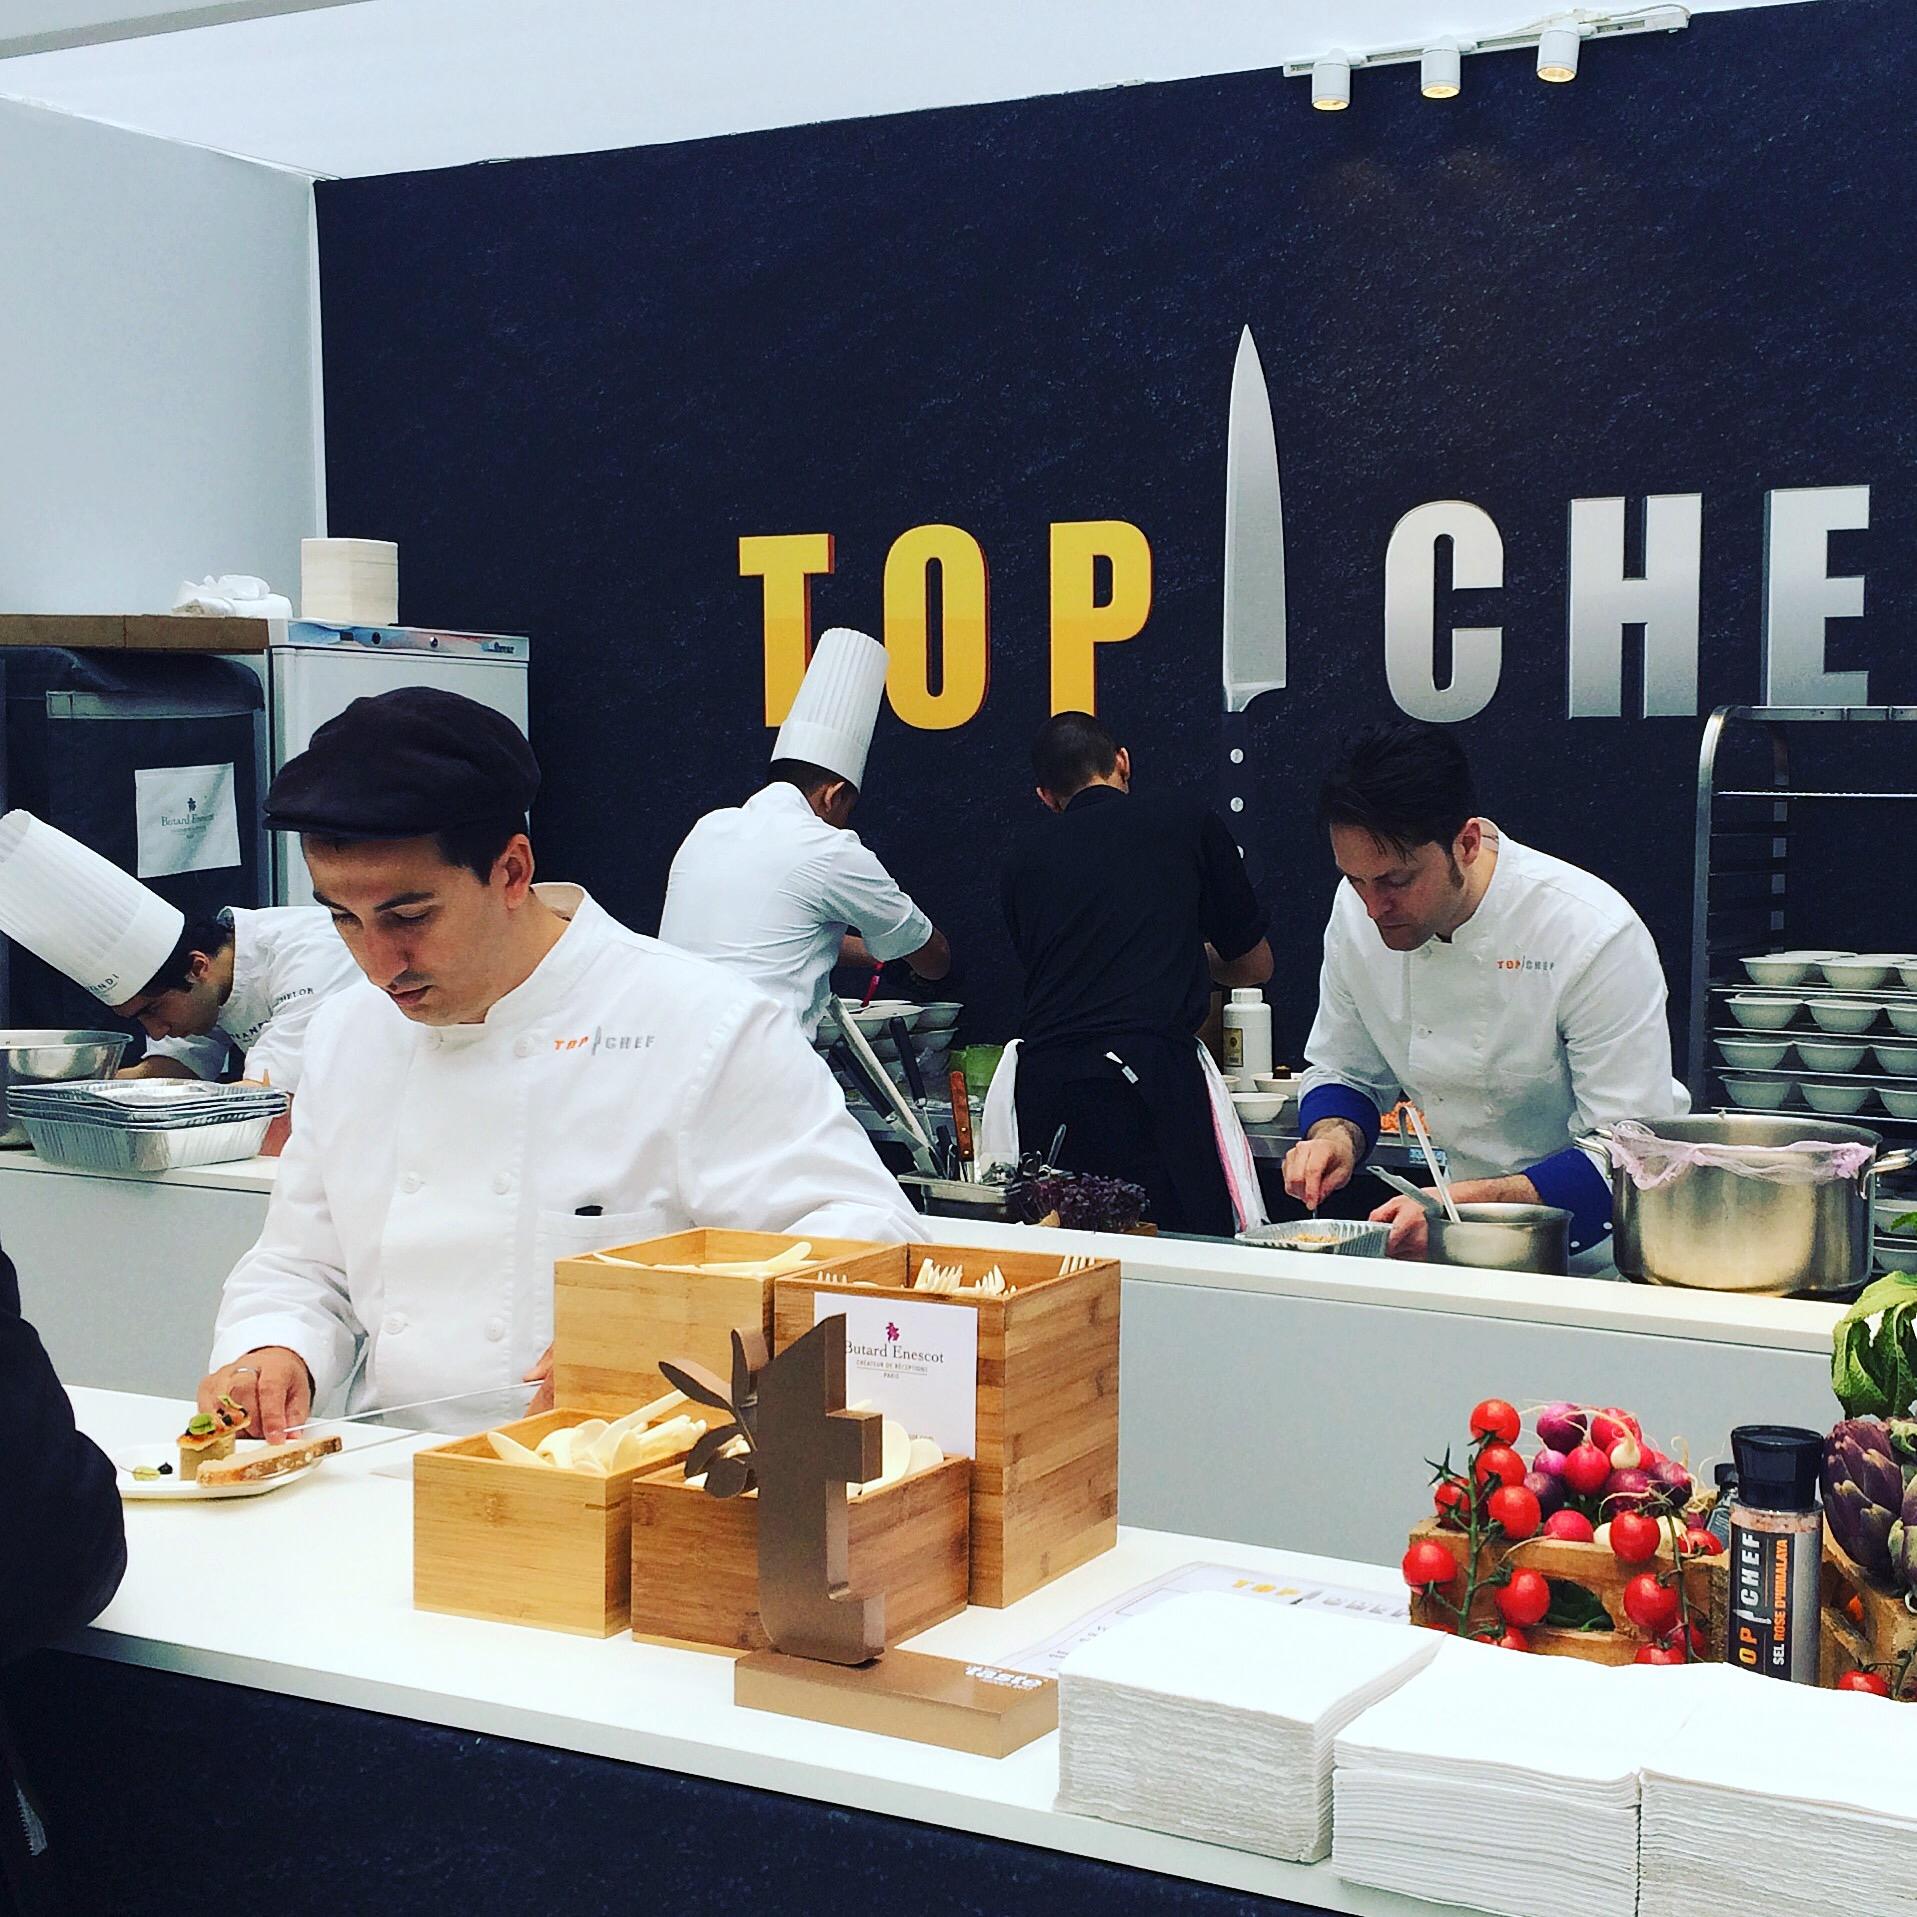 Top Chef Taste of Paris